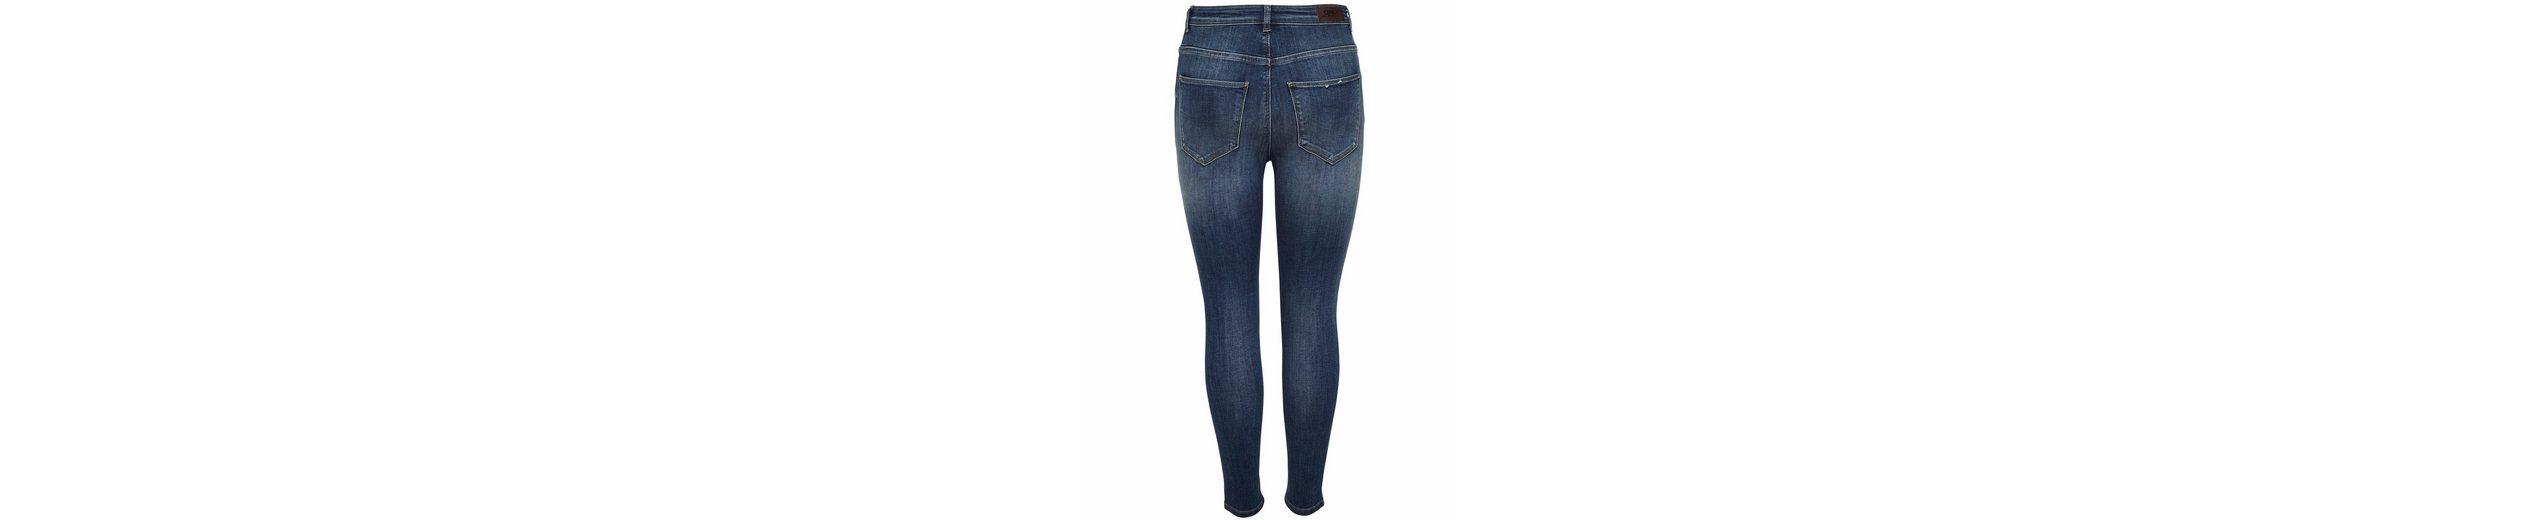 Echt Verkauf Online Finish Günstiger Preis Only High-waist-Jeans Billig Perfekt Verkauf Besuch Neu Günstig Kaufen Suche maZngvH4K